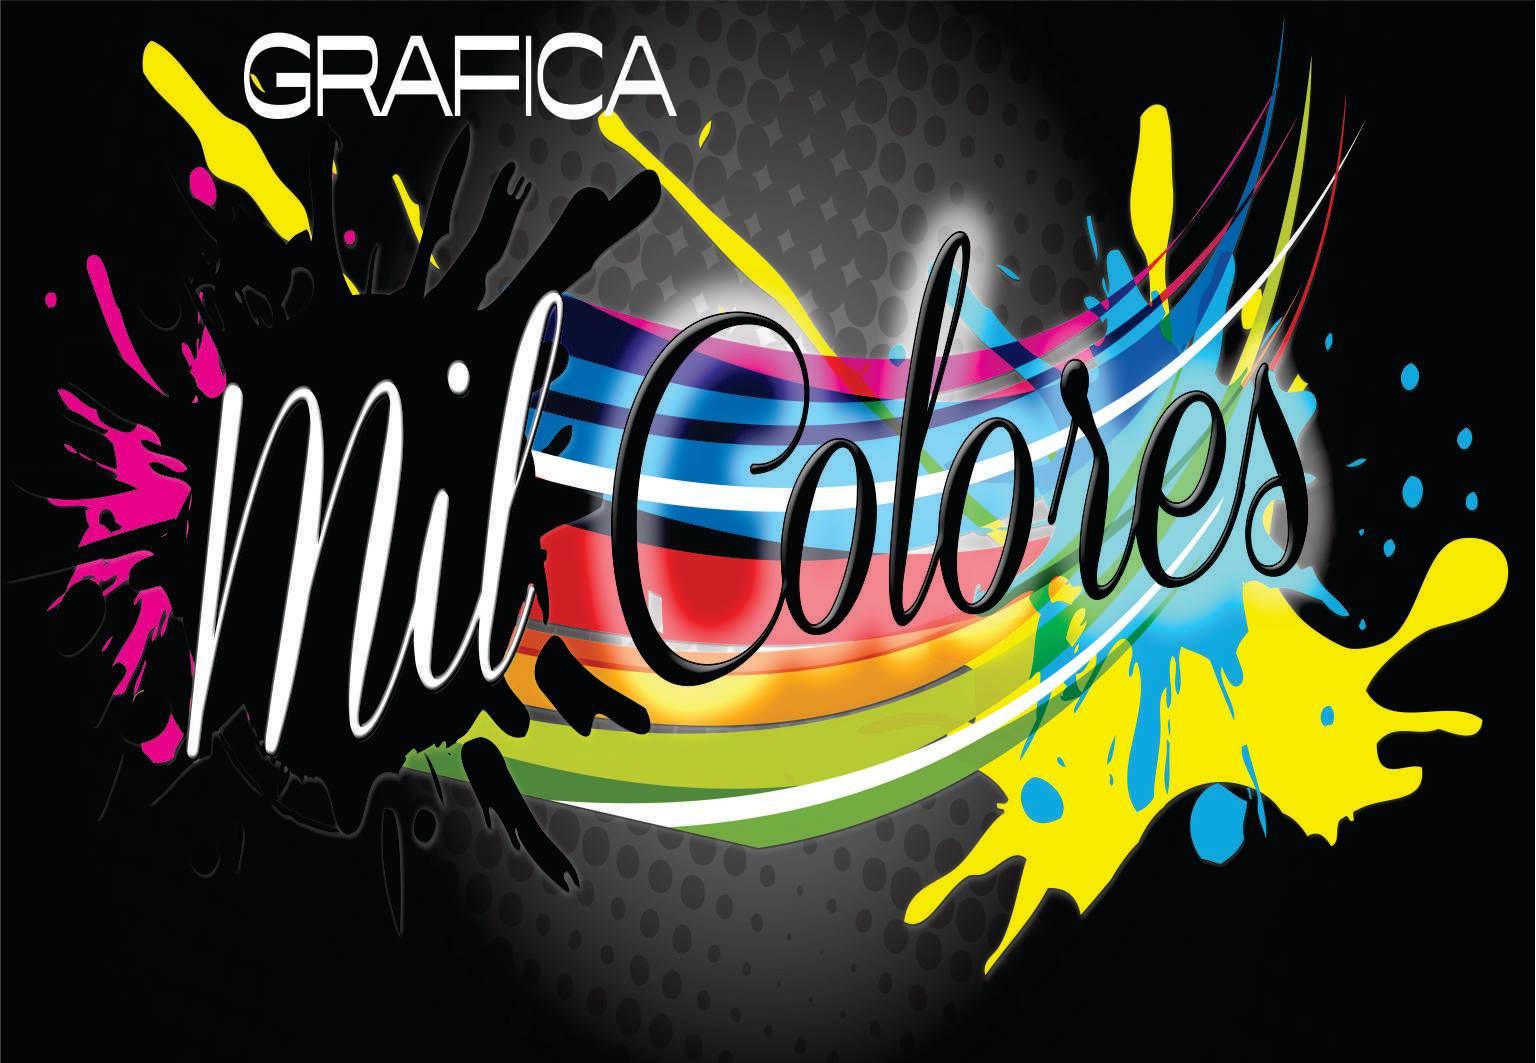 GRAFICA MIL COLORES